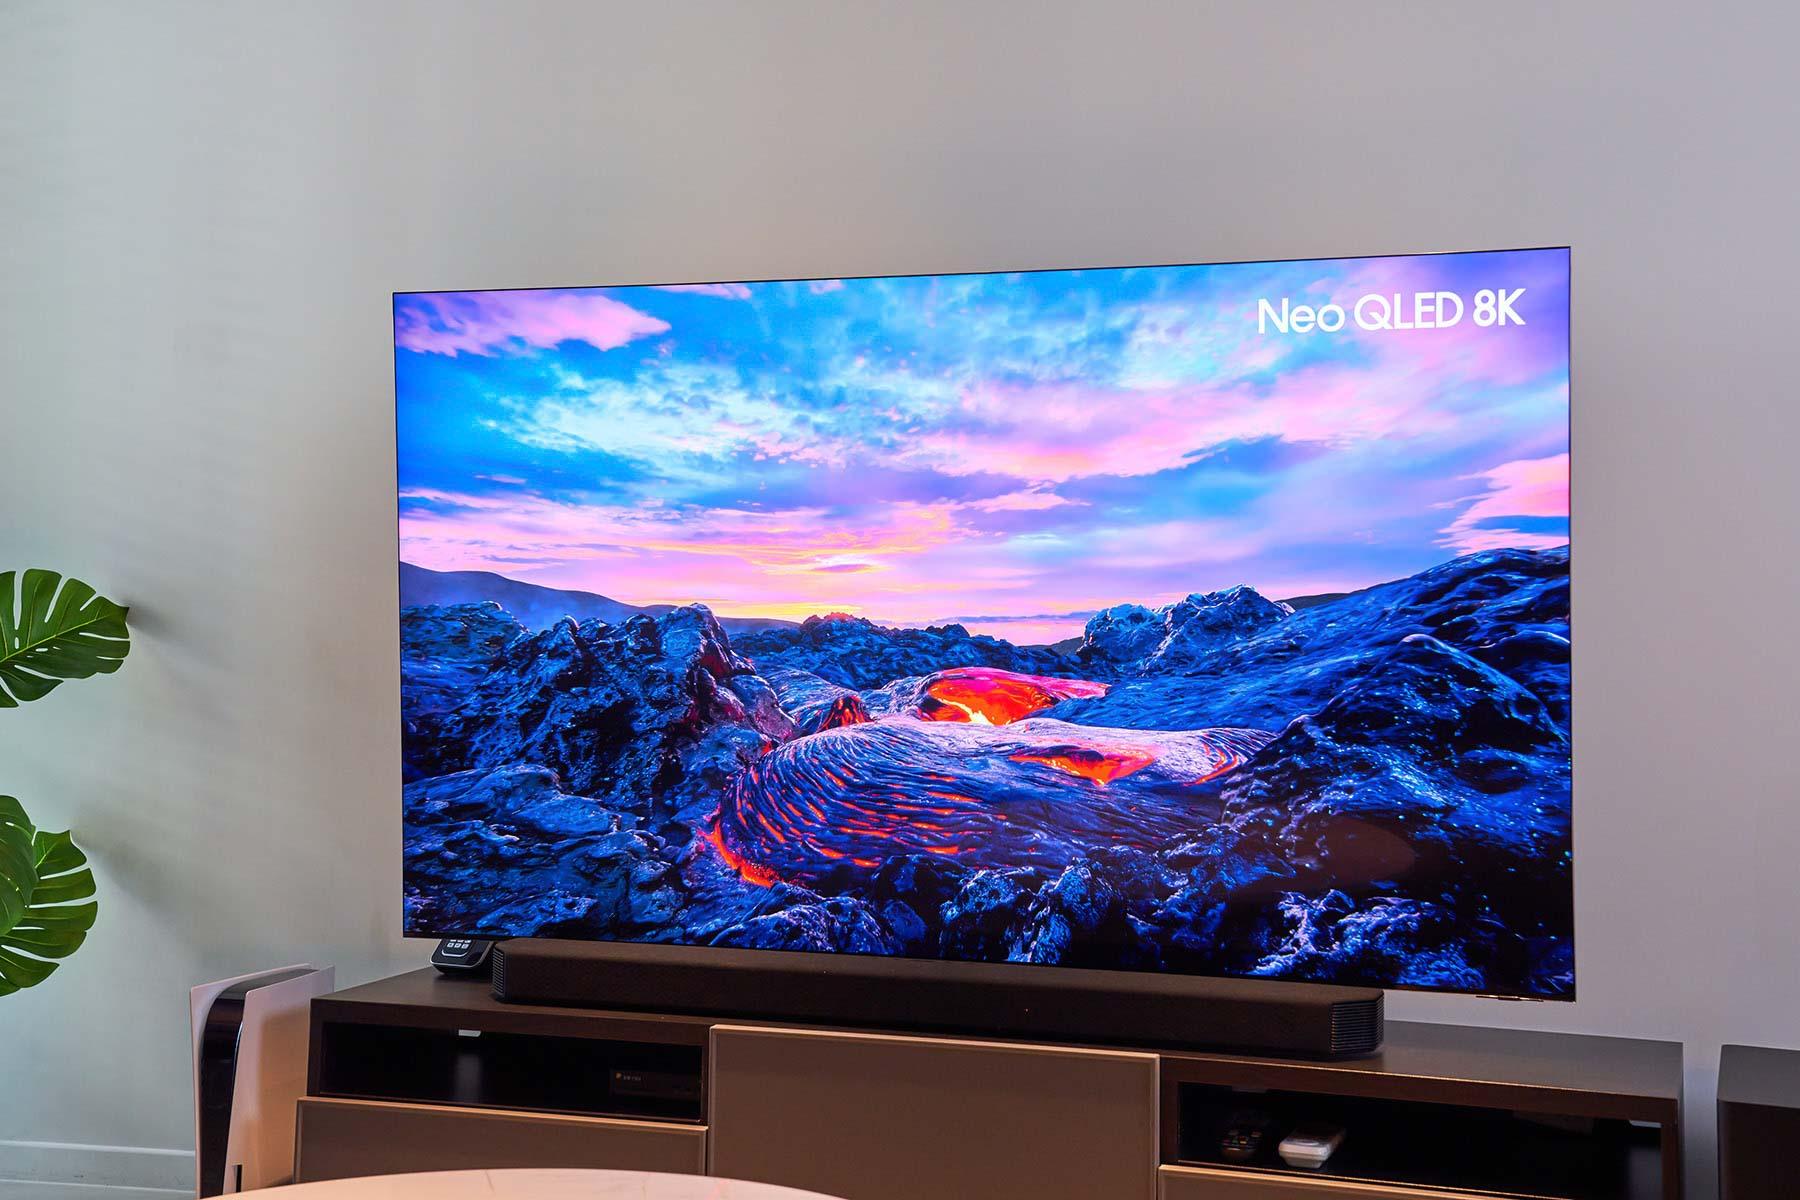 已連續 15 年稱霸全球電視市場的三星,今年隆重推出全新的旗艦機種 Neo QLED 8K 量子電視 QN900A 系列。